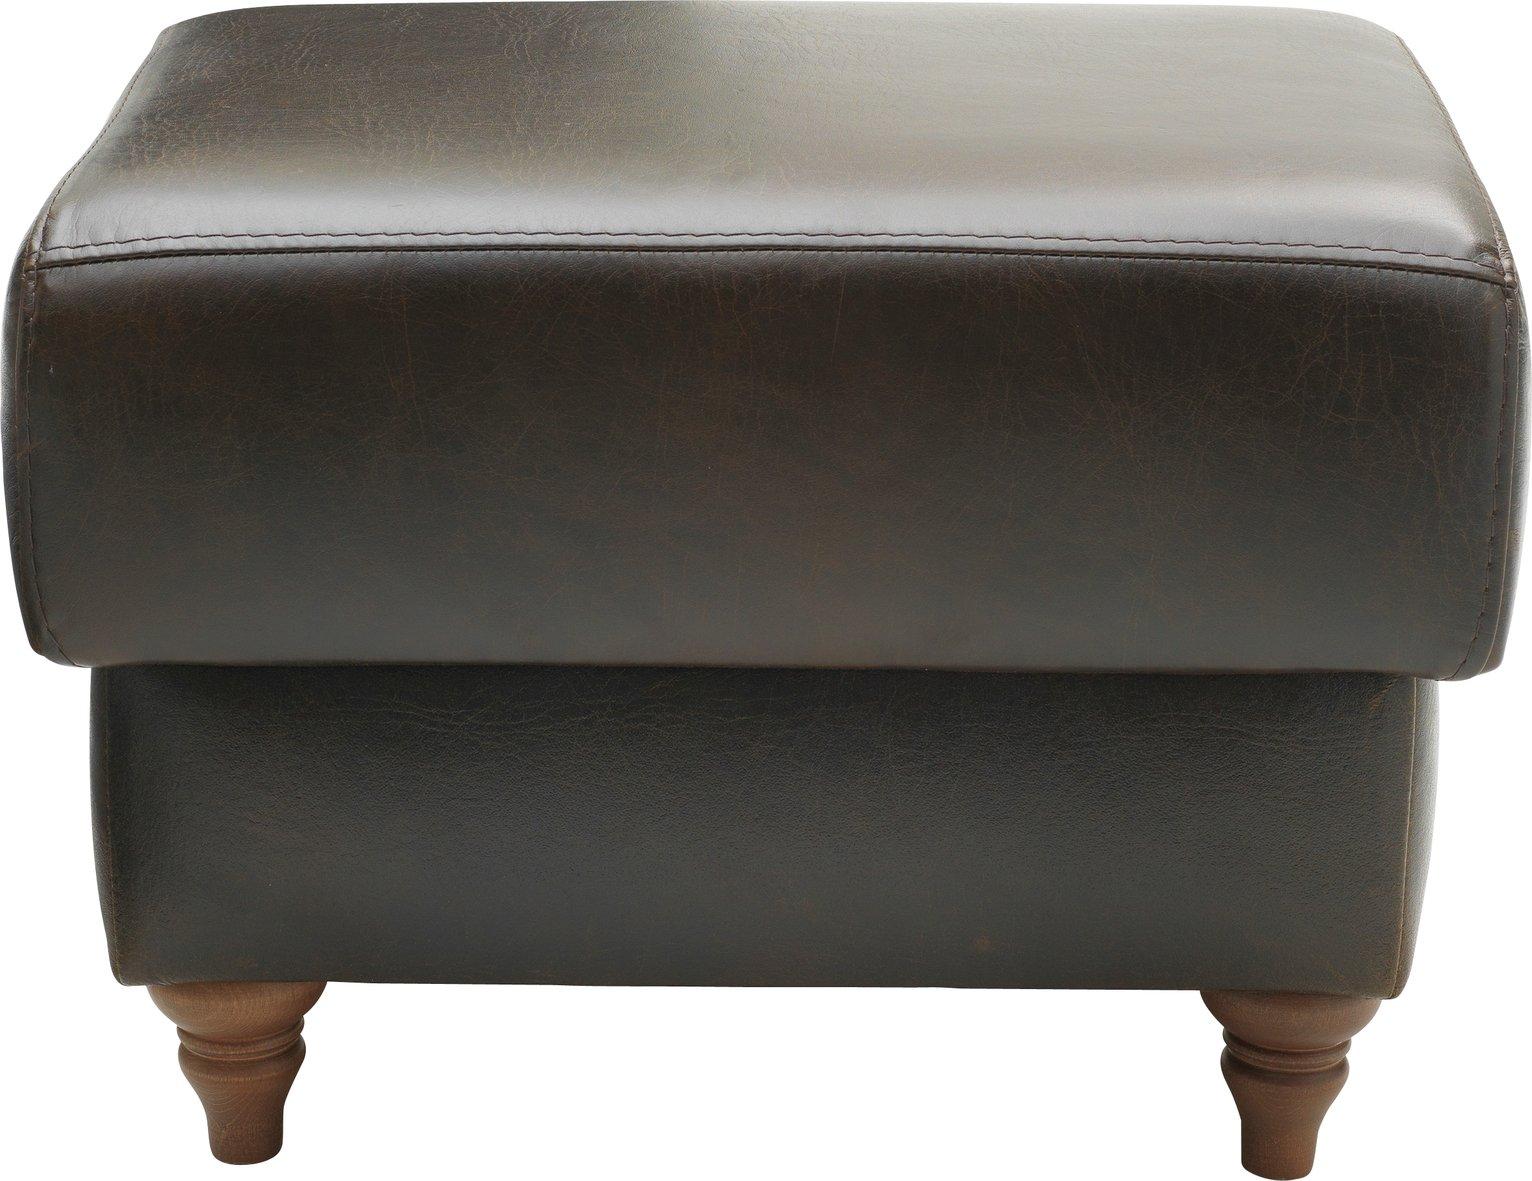 Argos Home Argyll Leather Storage Footstool - Dark Brown